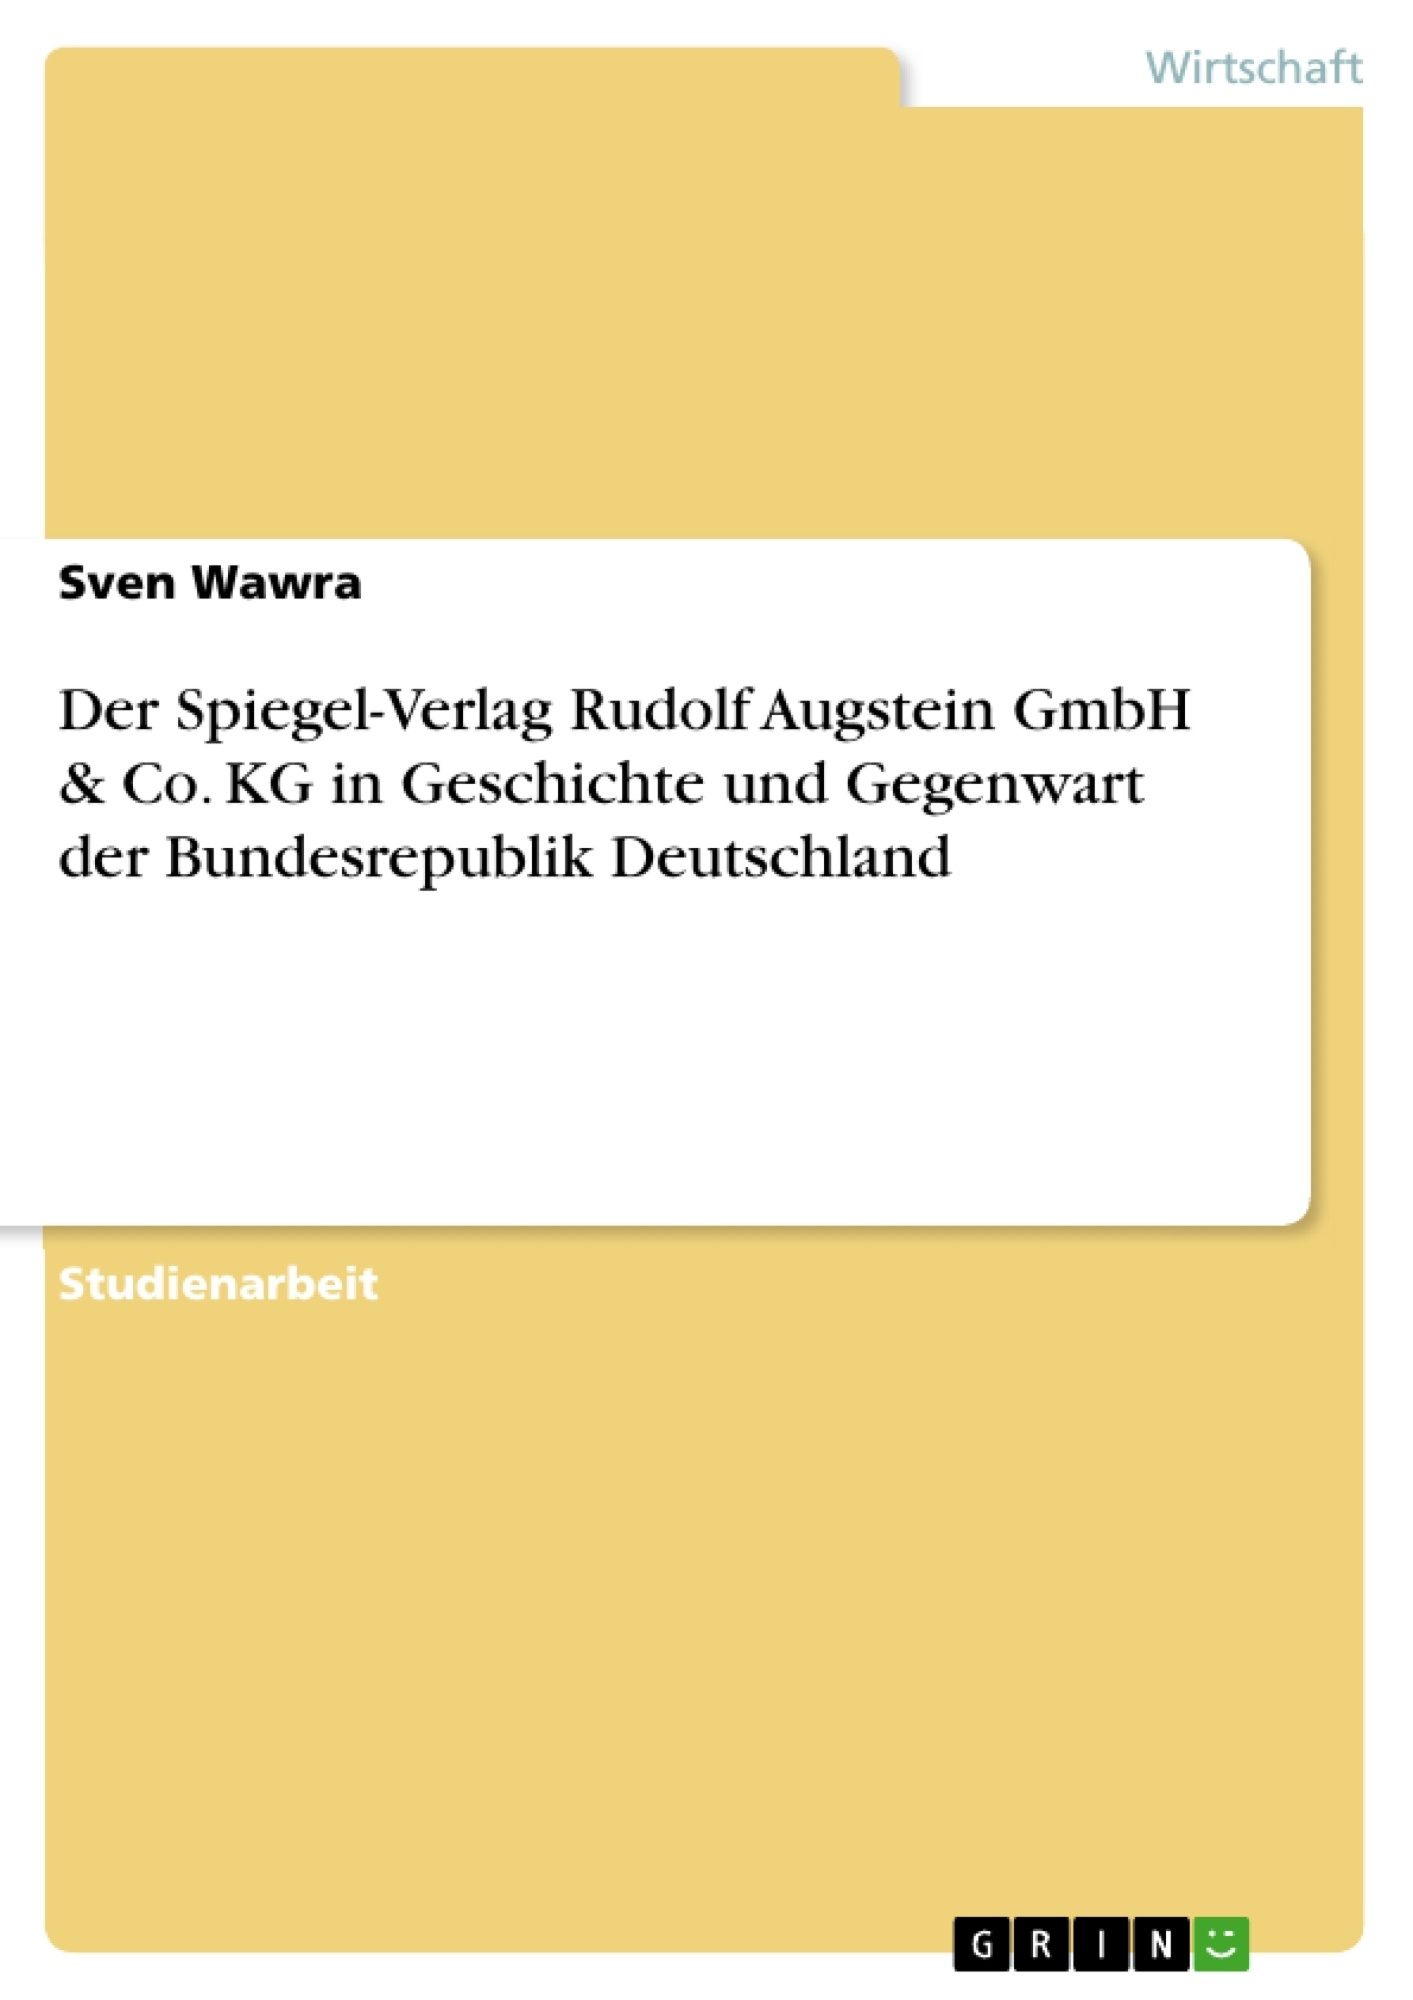 Titel: Der Spiegel-Verlag Rudolf Augstein GmbH & Co. KG in Geschichte und Gegenwart der Bundesrepublik Deutschland